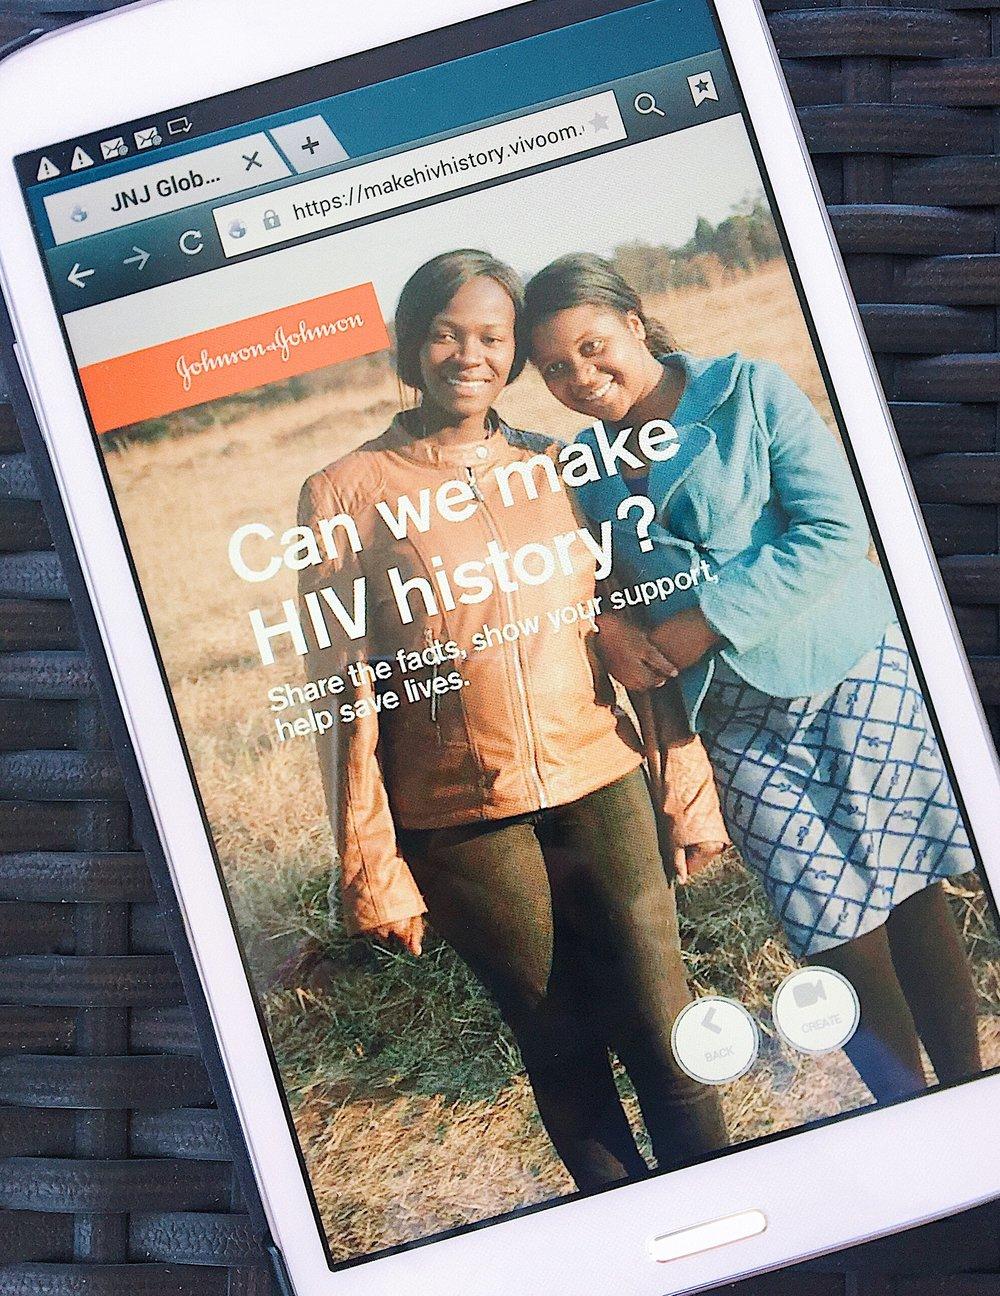 #MakeHIVHistory